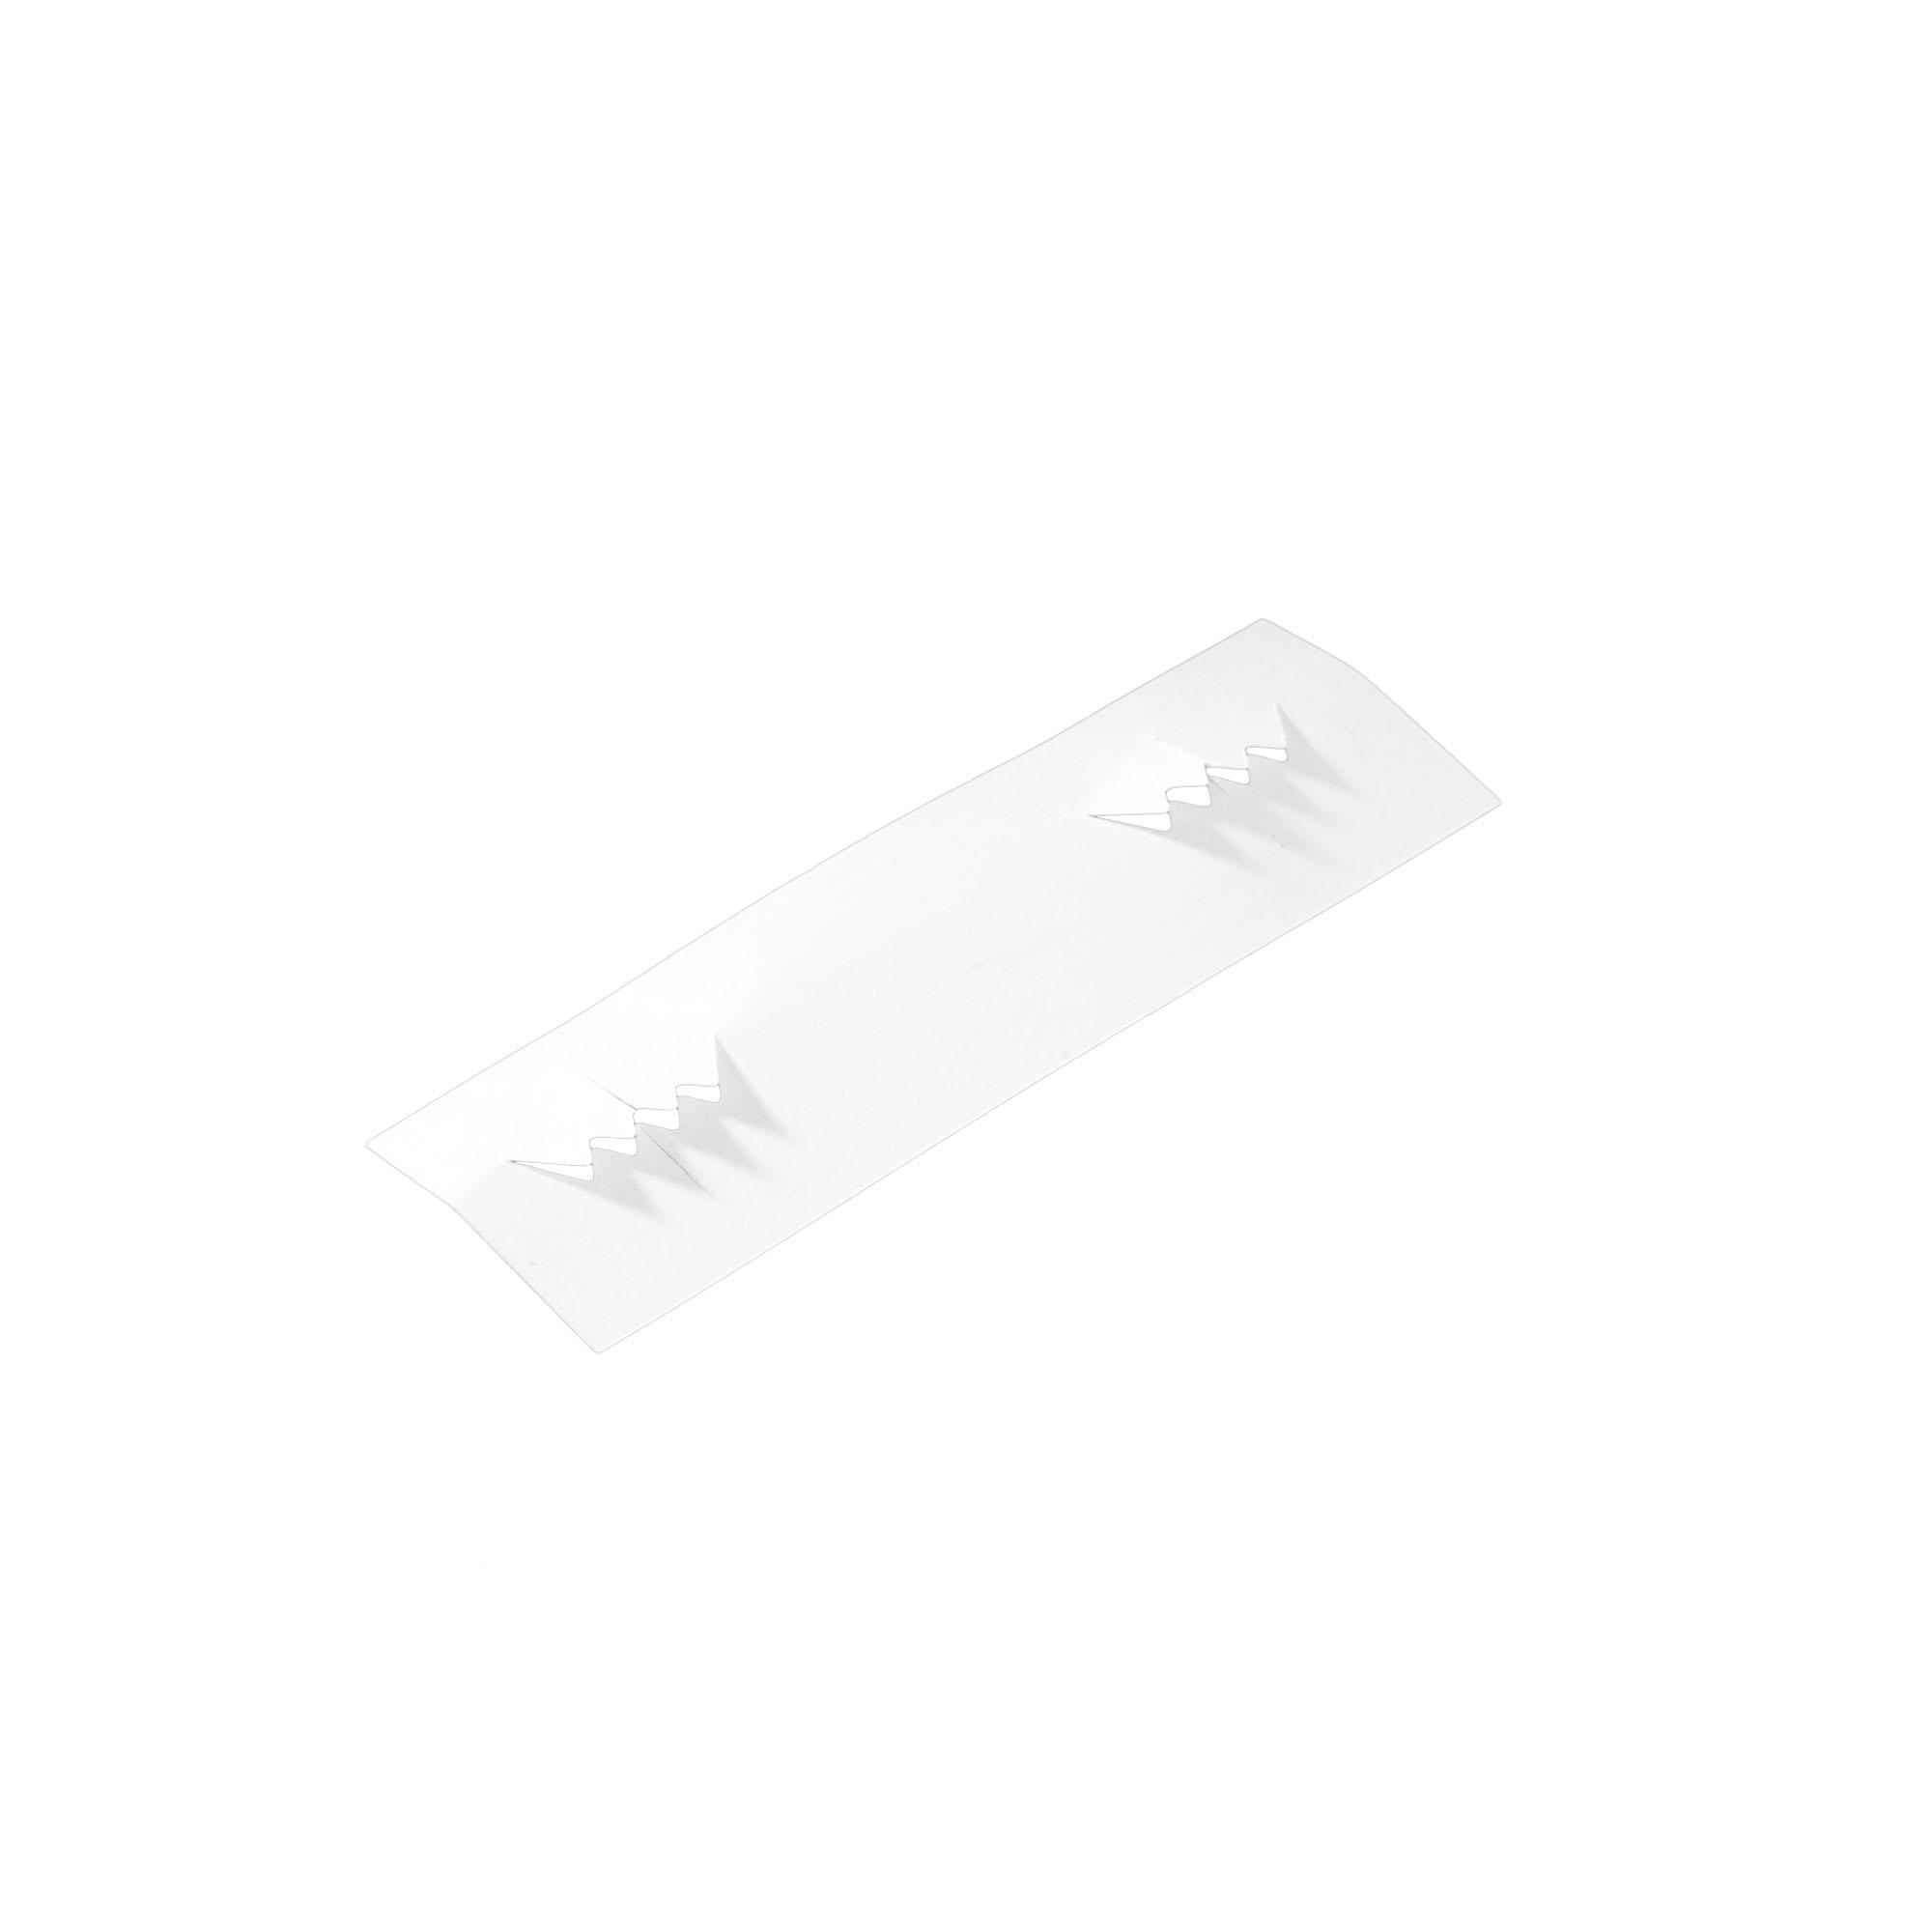 Halter für Kittelbänder Image